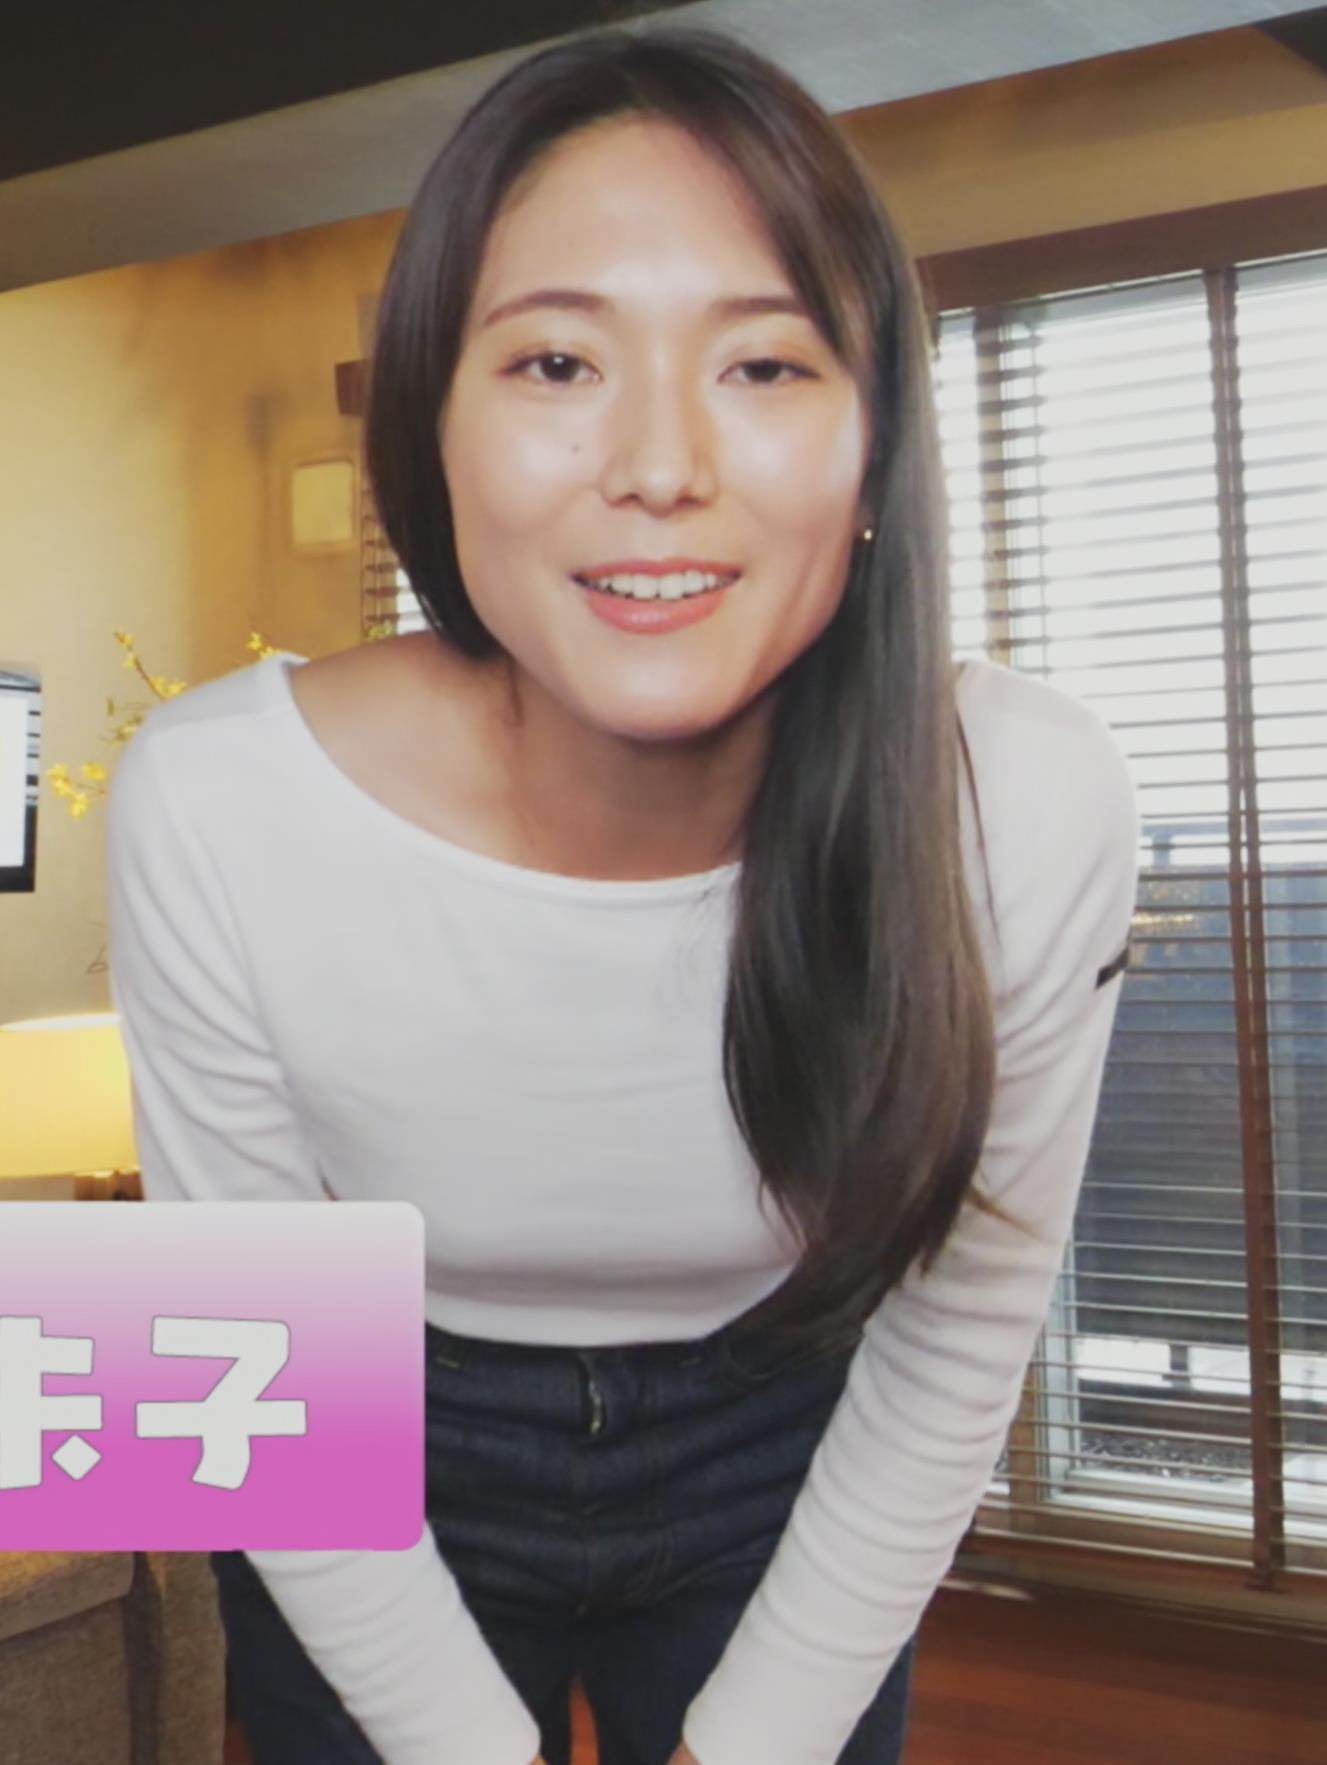 小林由未子アナ 女子アナのセクシーポーズキャプ・エロ画像